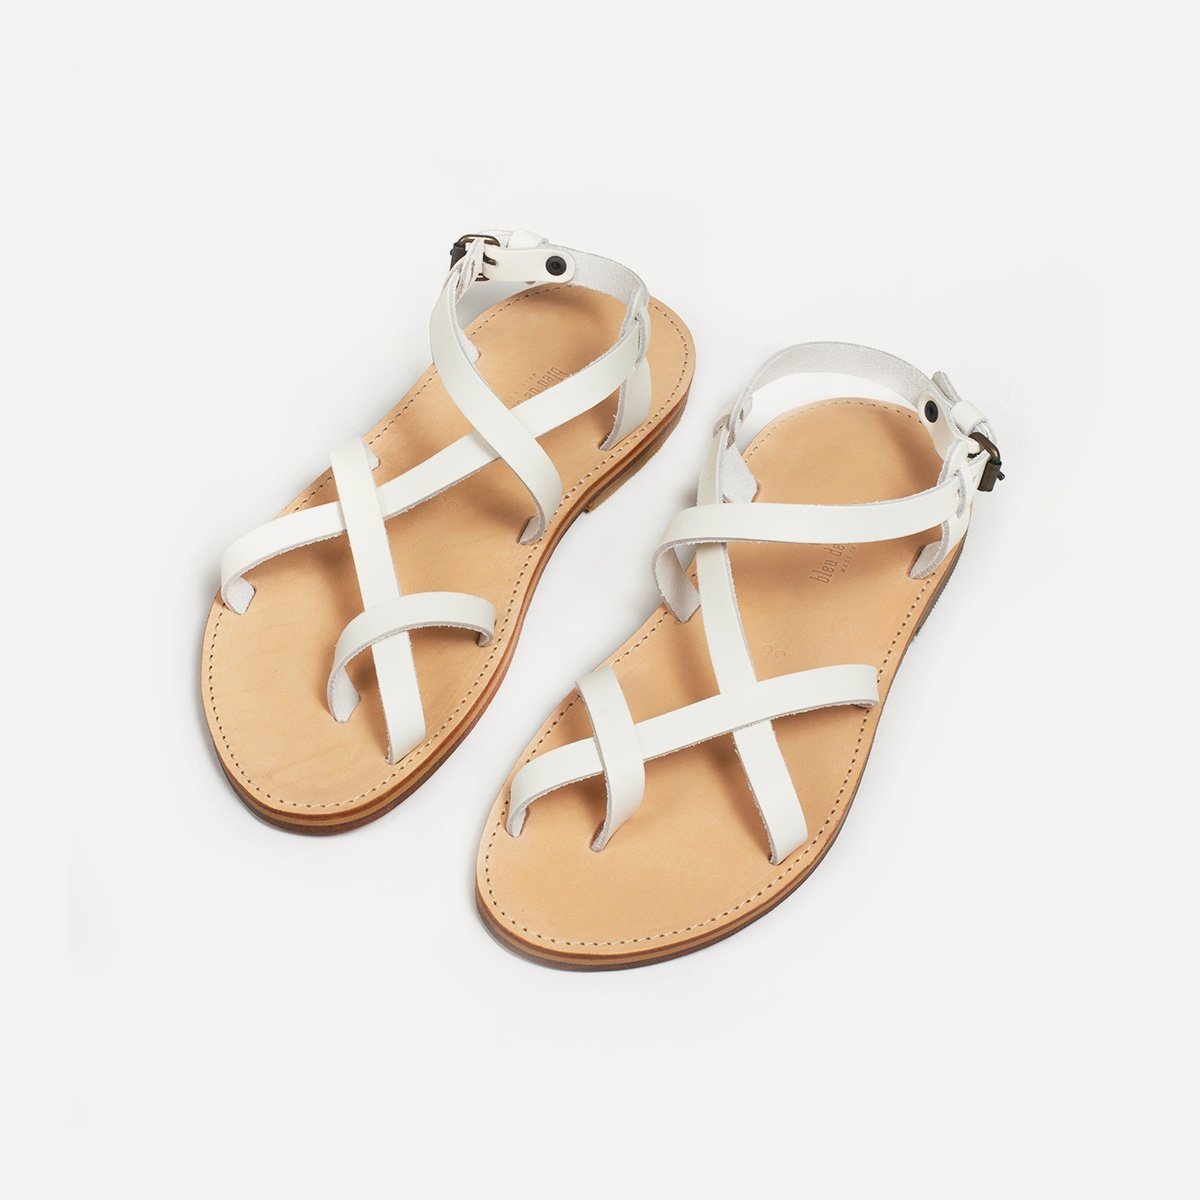 Sandales cuir Nara - Blanc (image n°3)